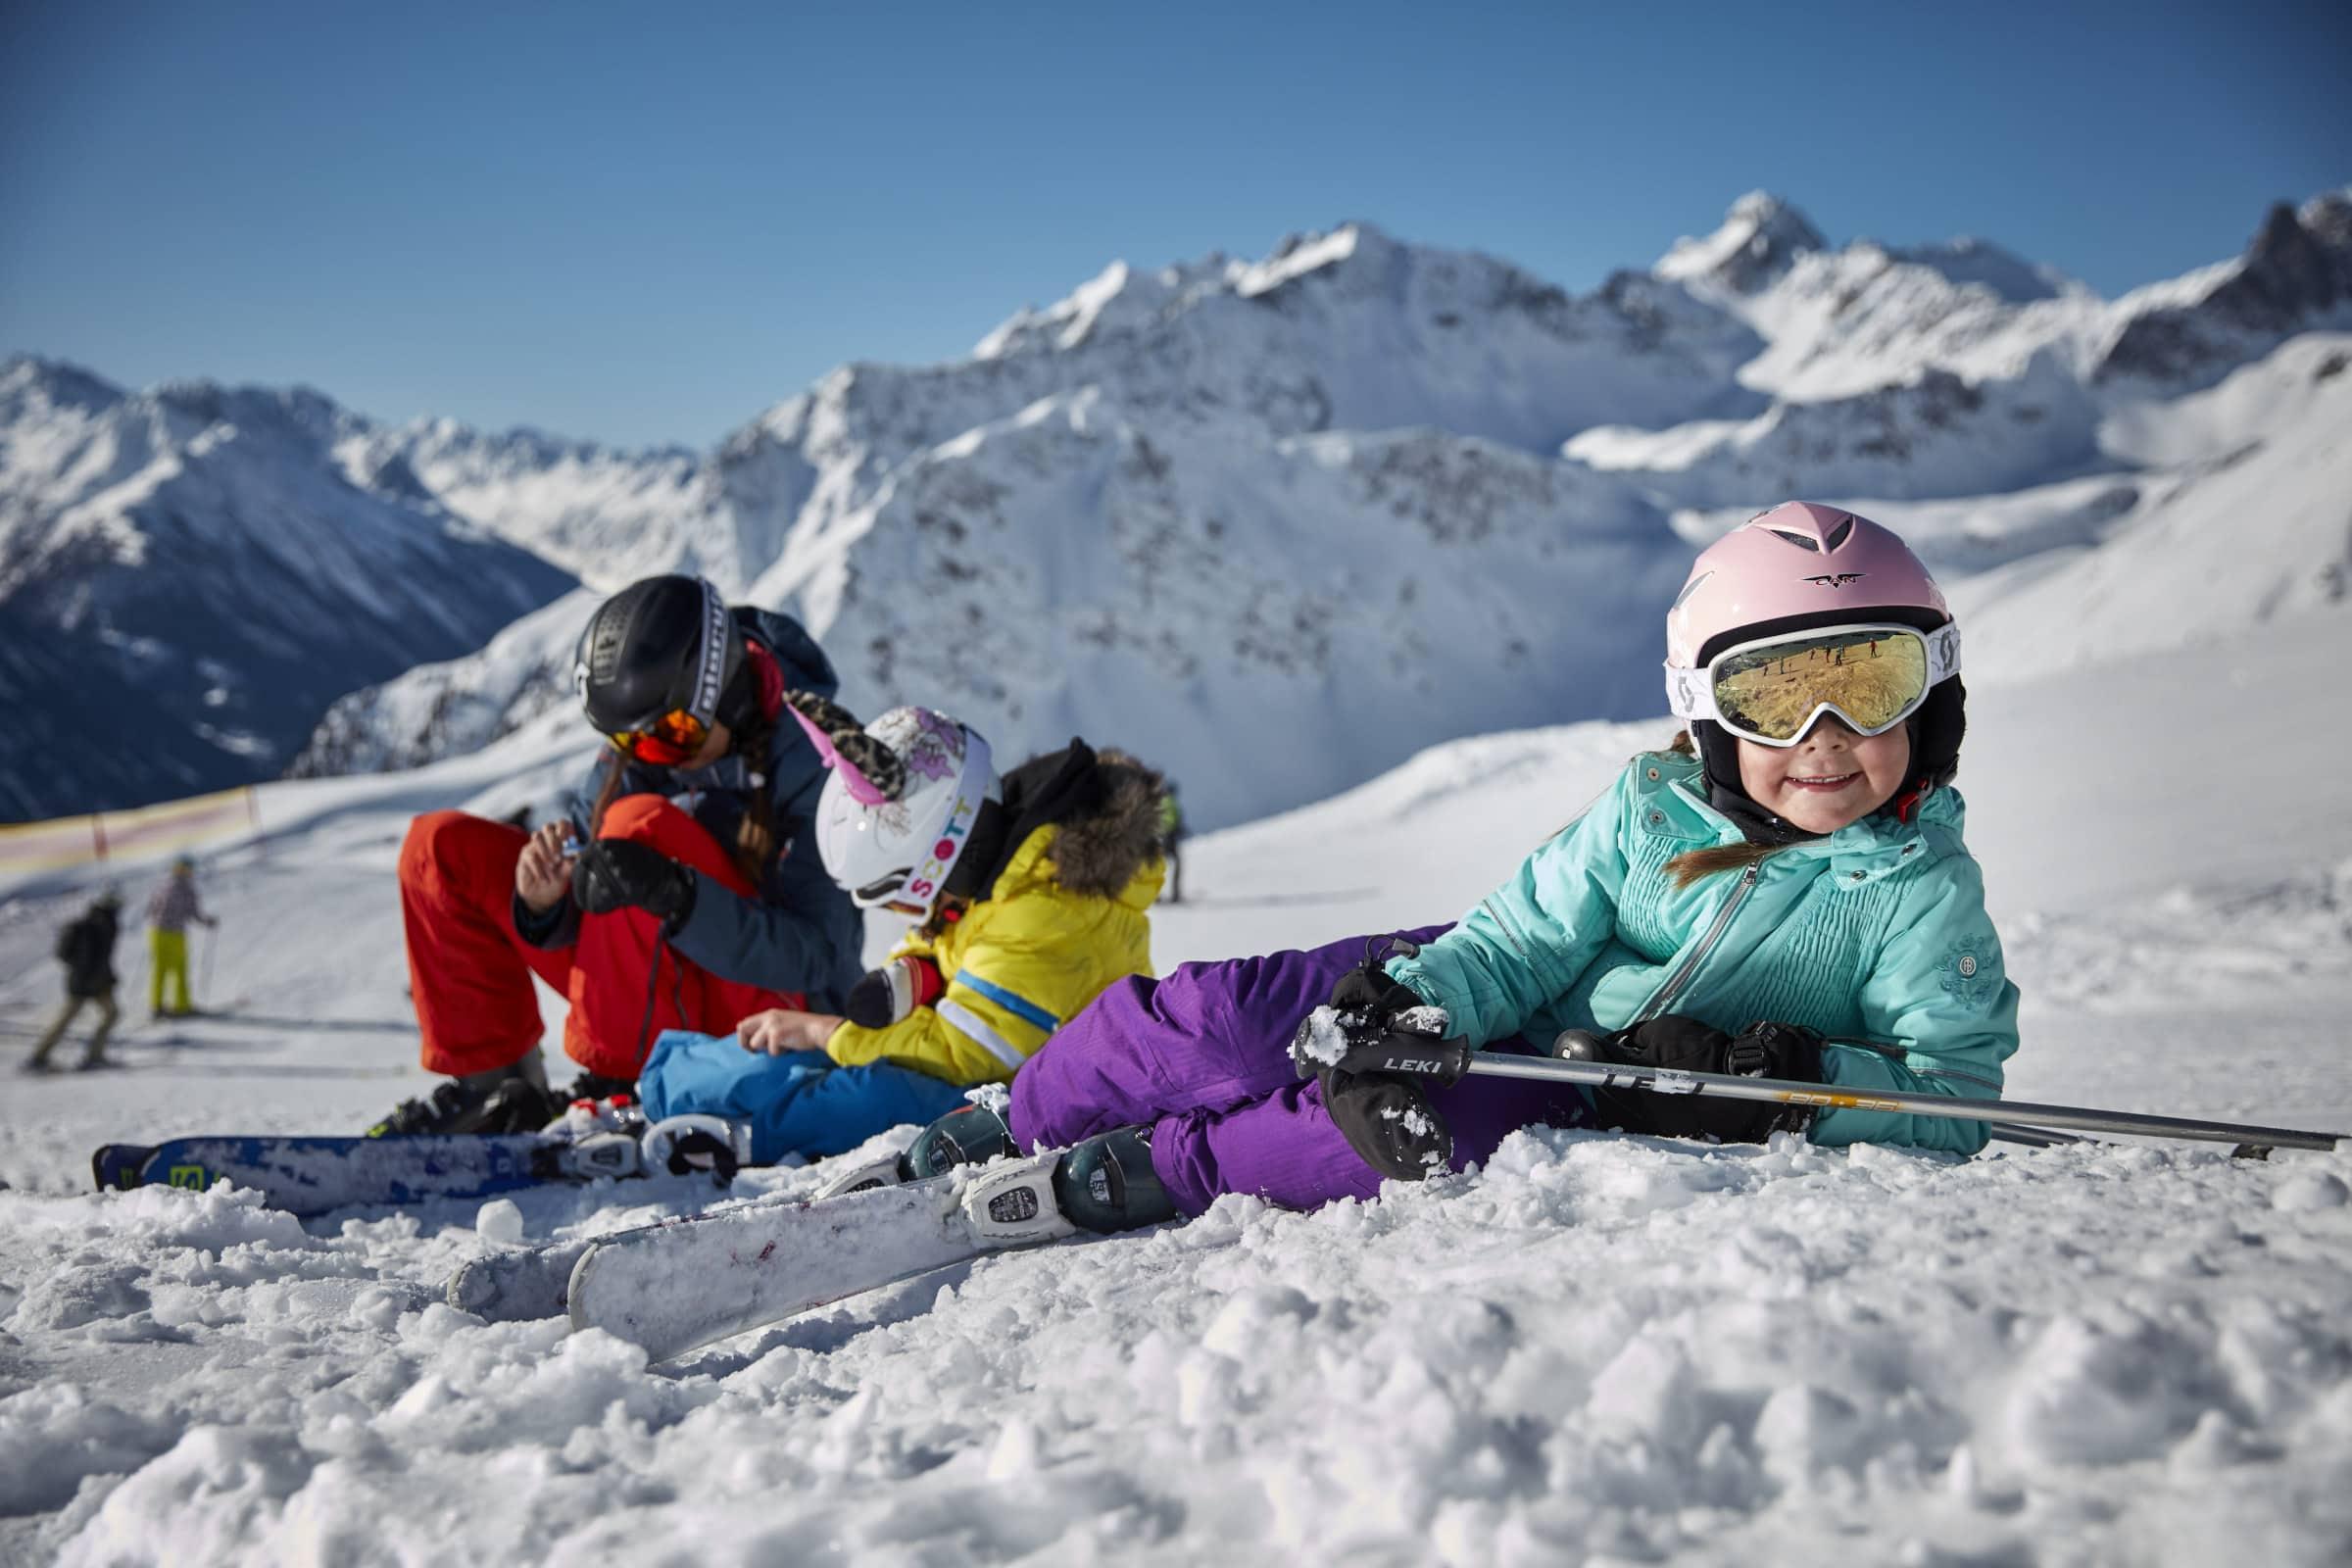 Skiurlaub in sterreich: Die Lage der Hotels Astoria und